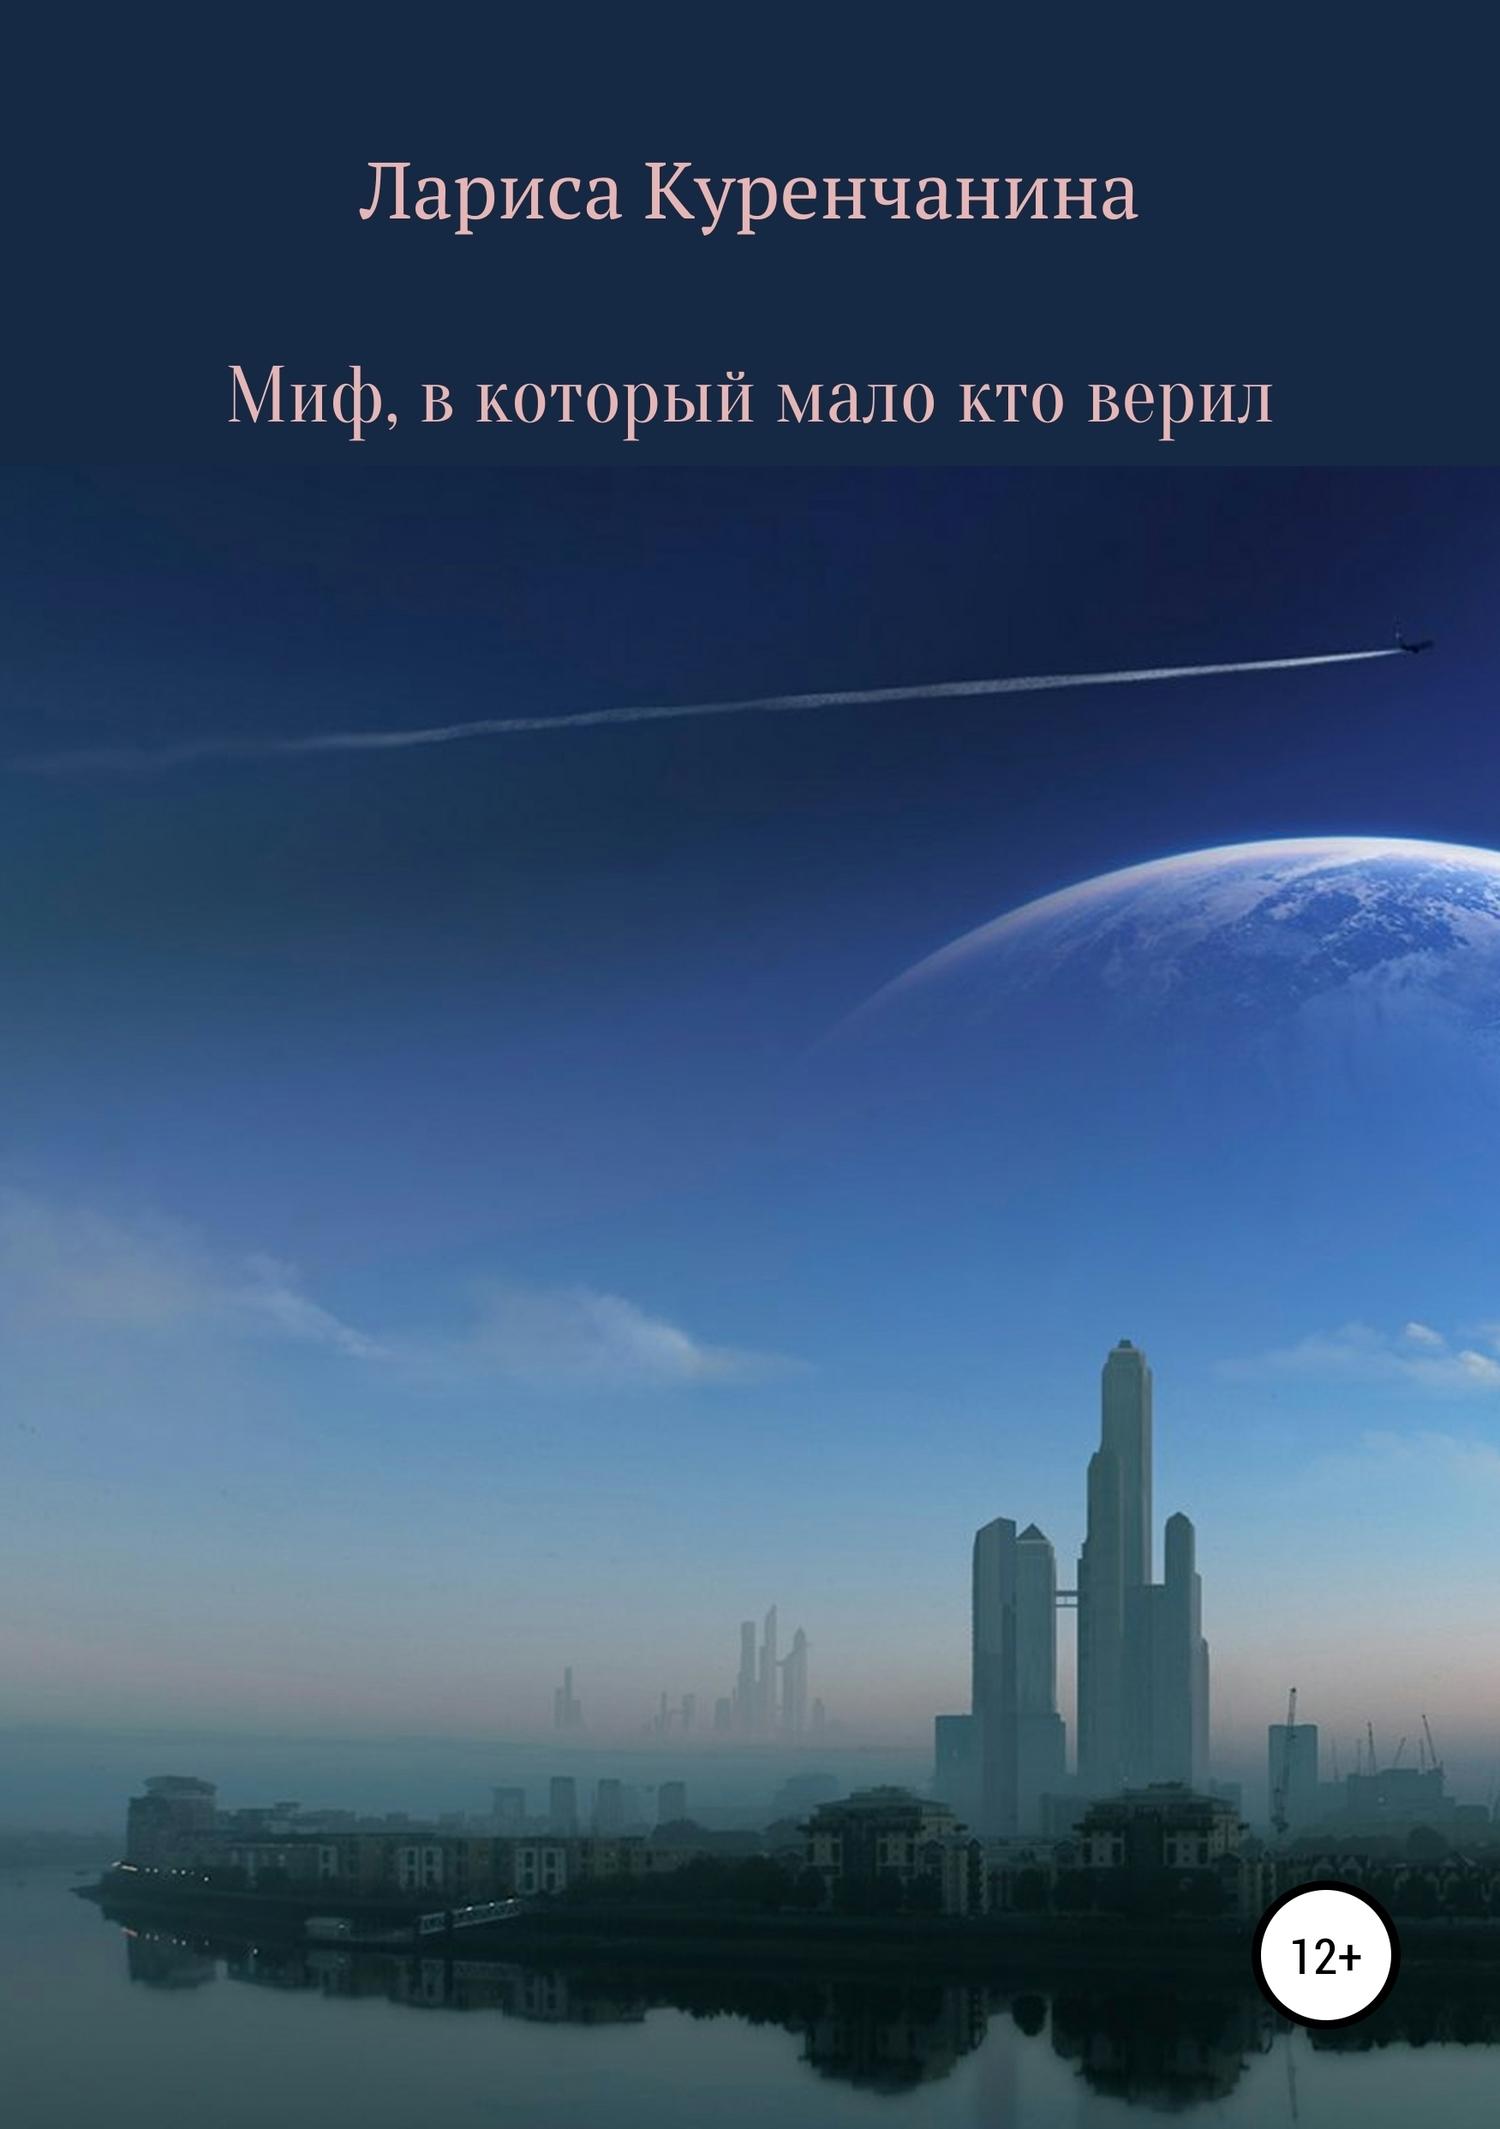 Лариса Куренчанина - Миф, в который мало кто верил